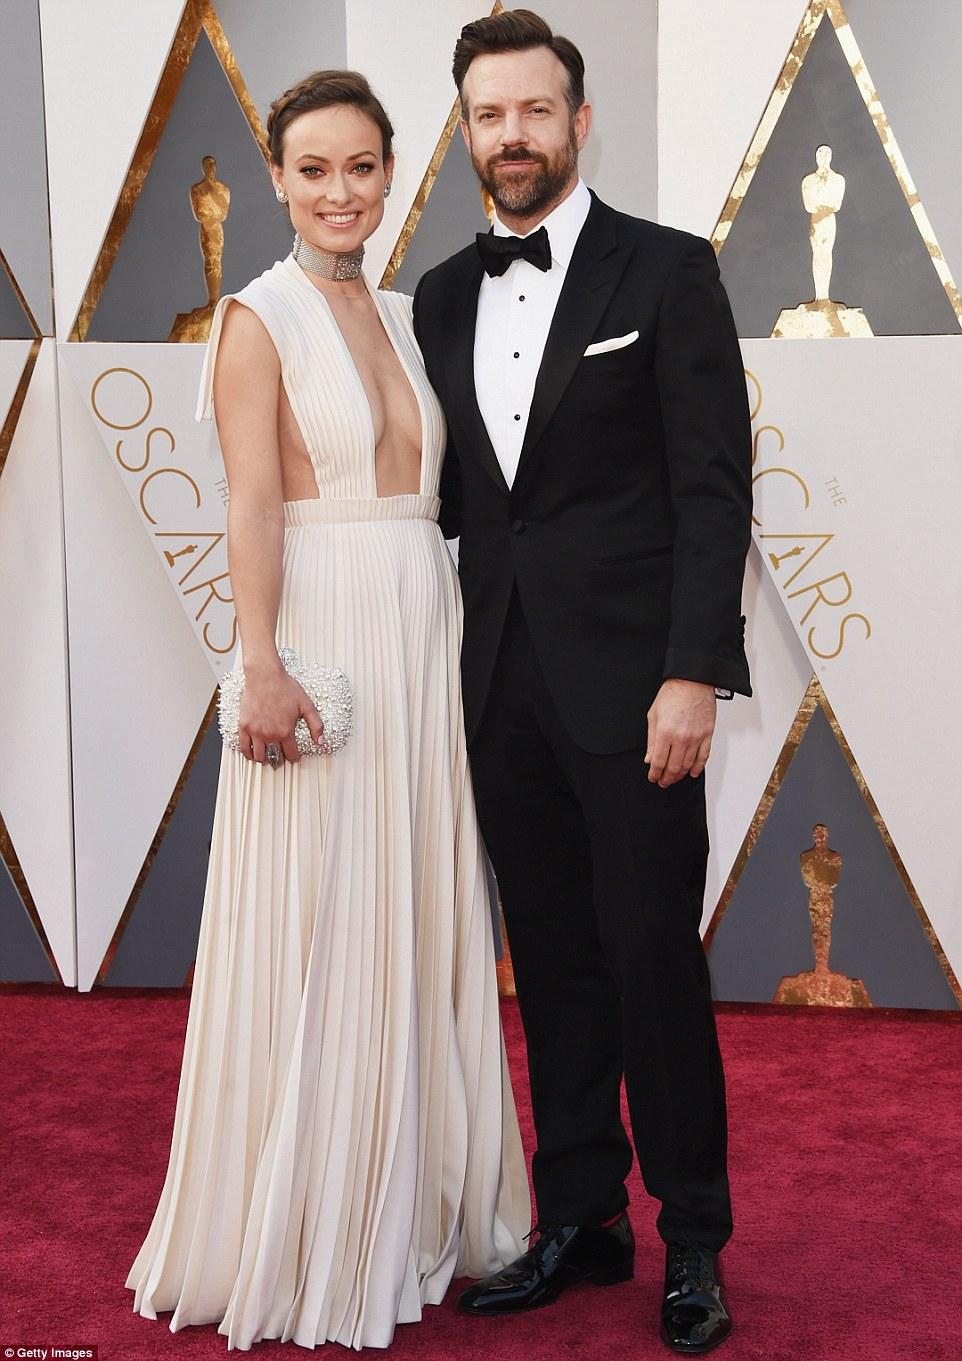 Оливия Уайлд с мужем